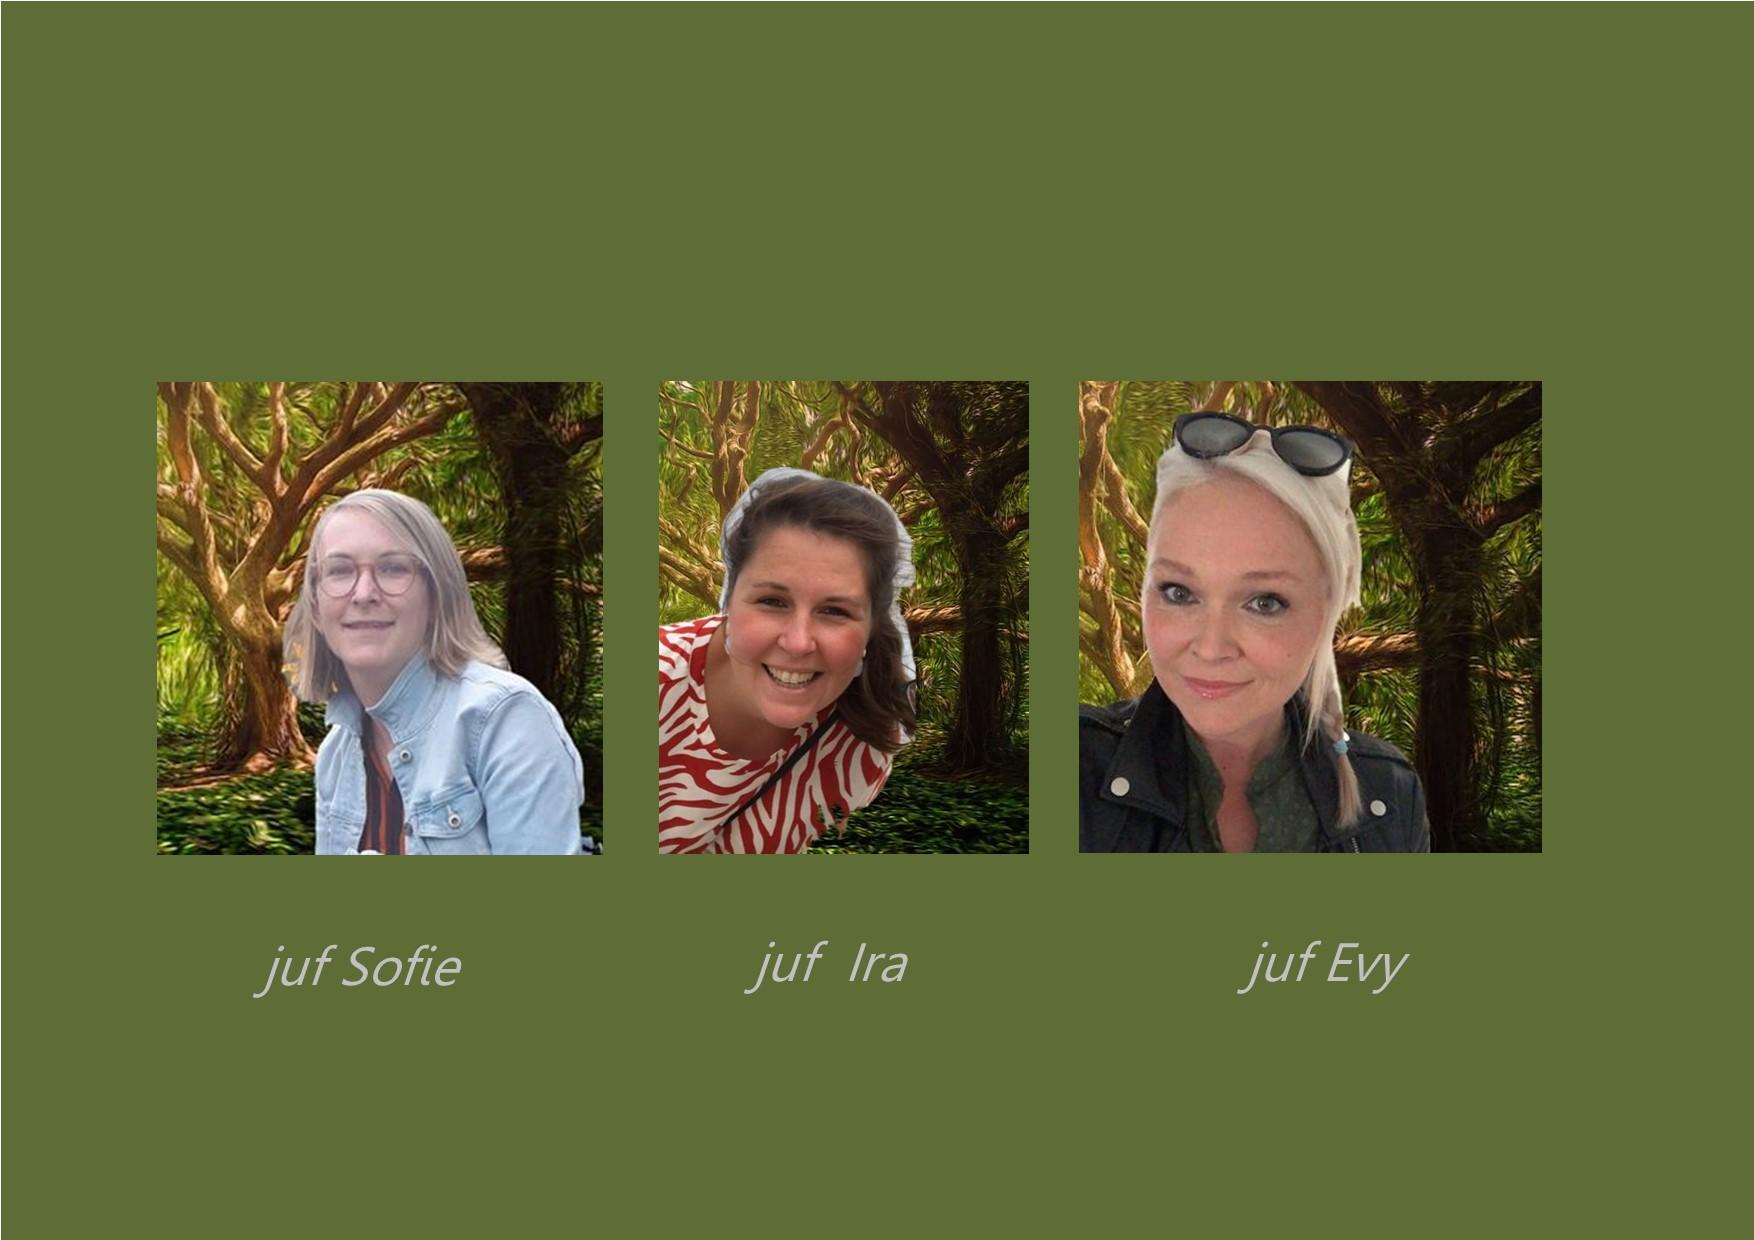 <p>berenklas: juf Sofie<br />co-teachers: juf Ira en juf Evy</p>